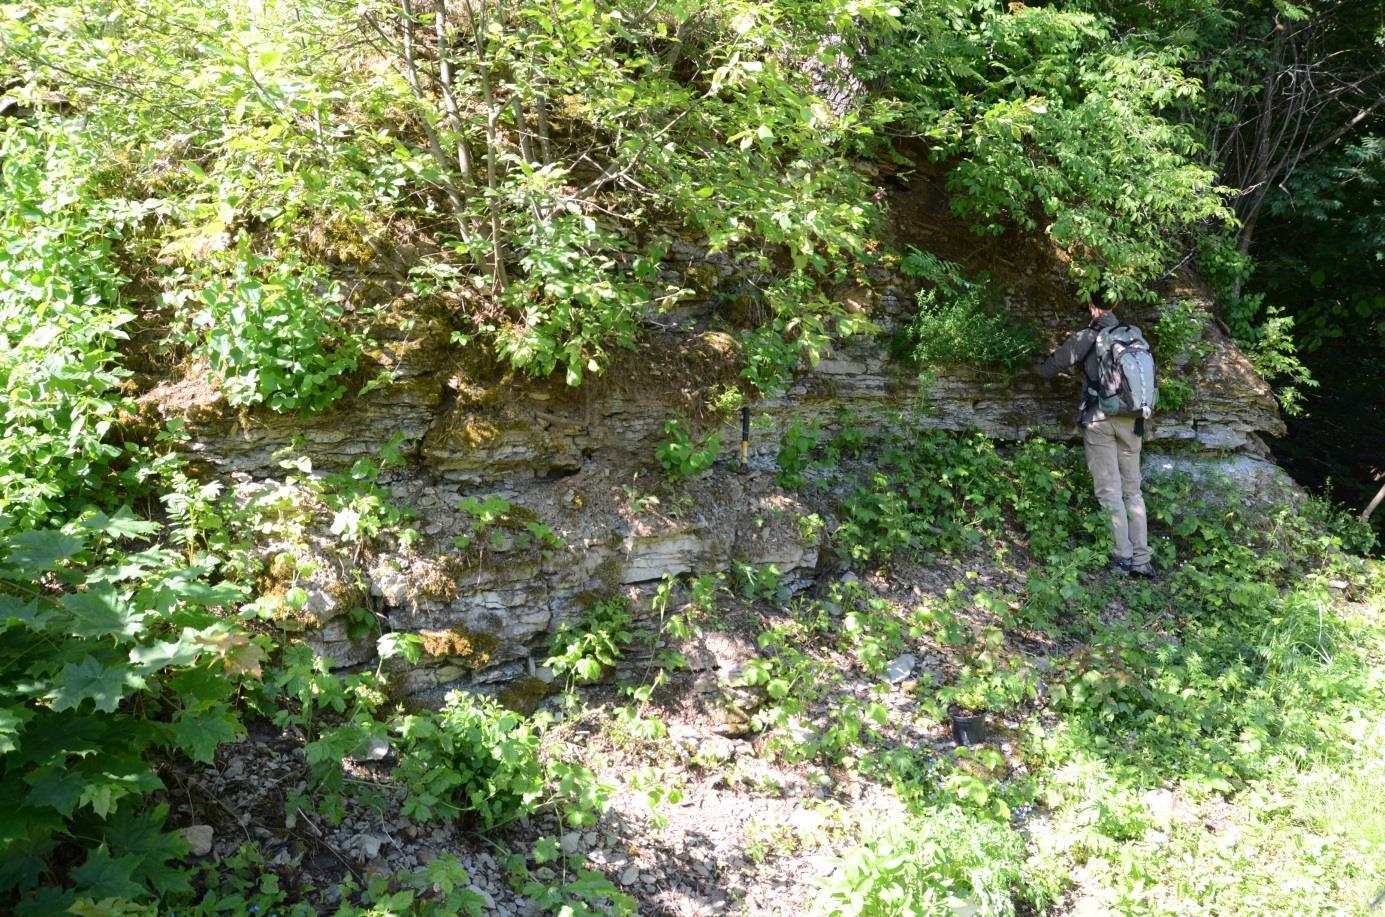 Saku paemurru aiaga piirneva paljandi osa (foto: T. Meidla, 2012).